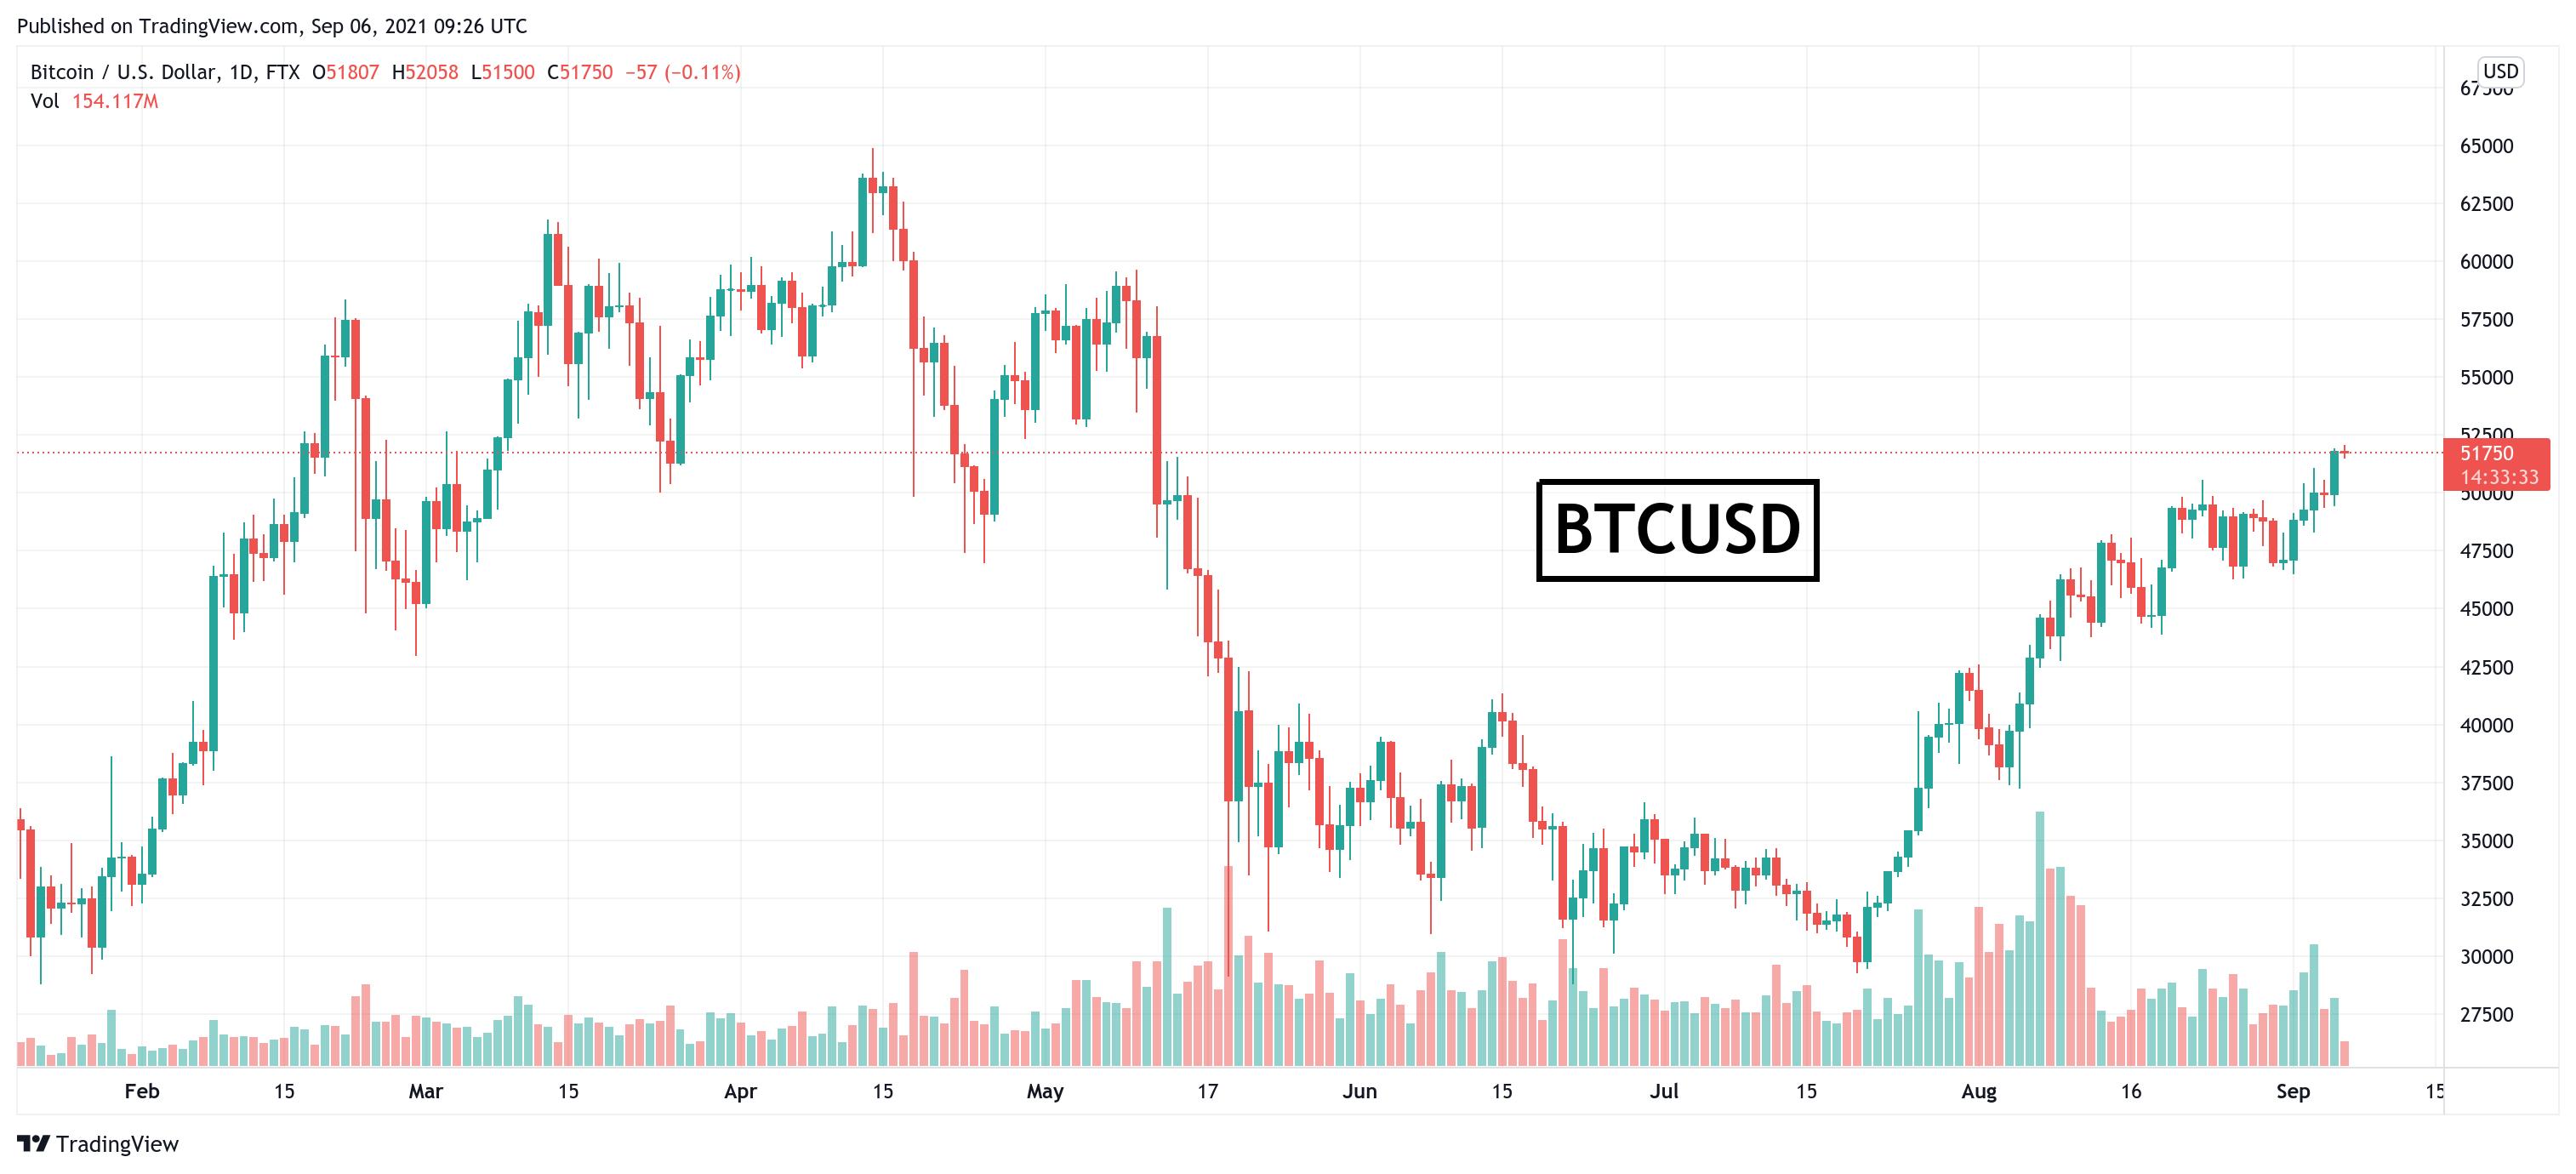 Bitcoin ar trebui să valoreze cel puțin $55,000, conform lipsei de Supply